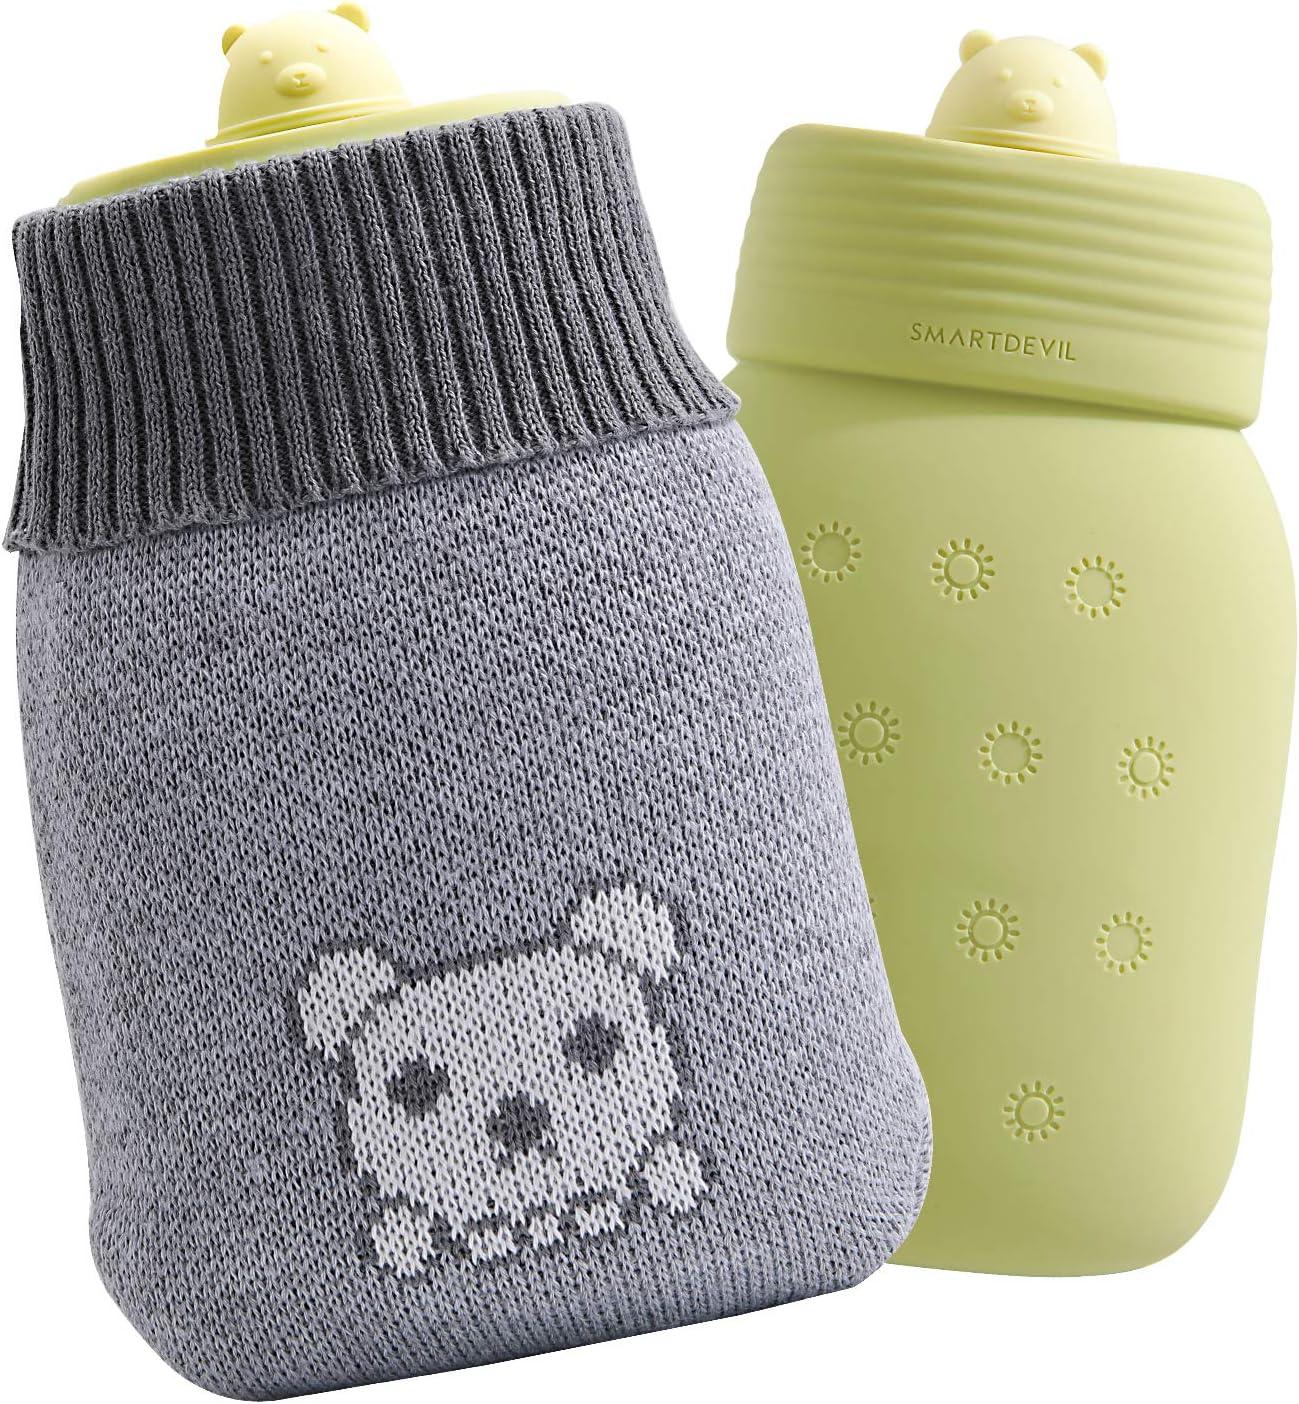 SmartDevil Botella de agua caliente, Mini botella de agua caliente para microondas con forro de punto de oso, botellas de agua caliente de primera calidad adecuadas para hombres, Mujeres y niños-Verde